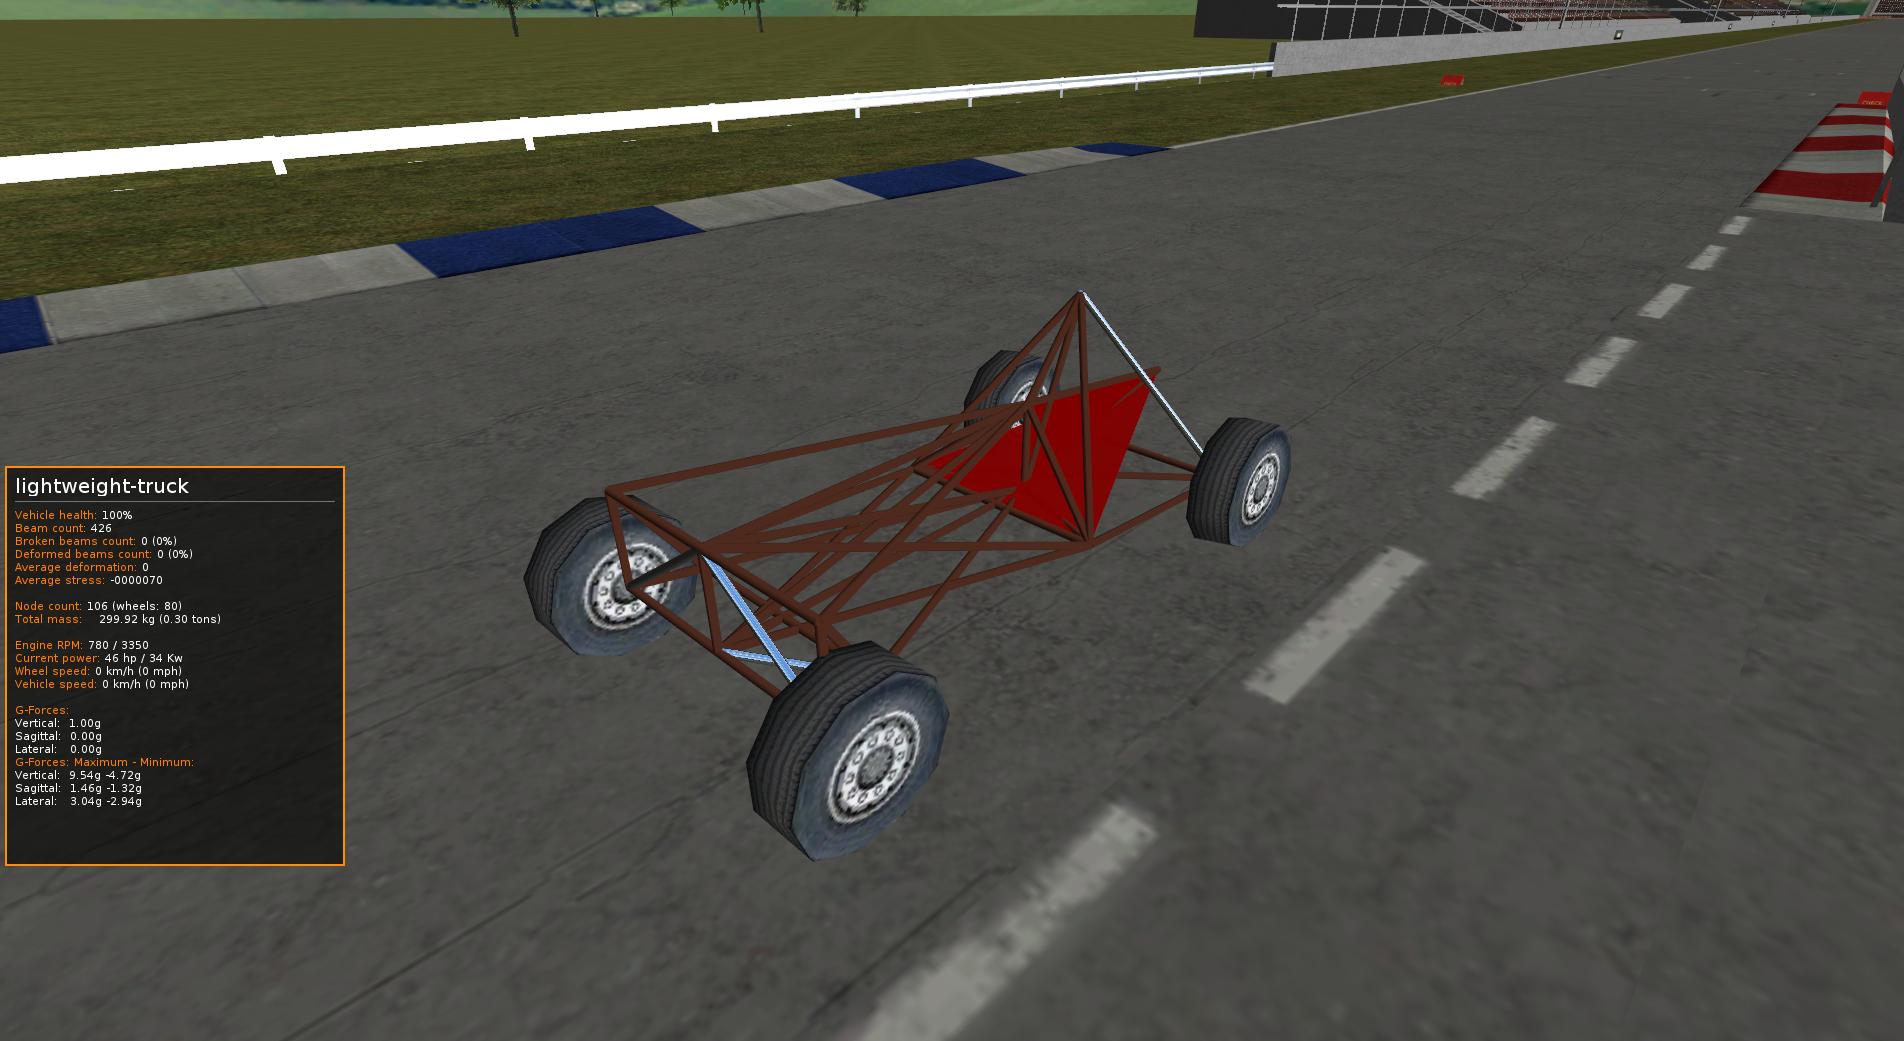 Lightweight-truck